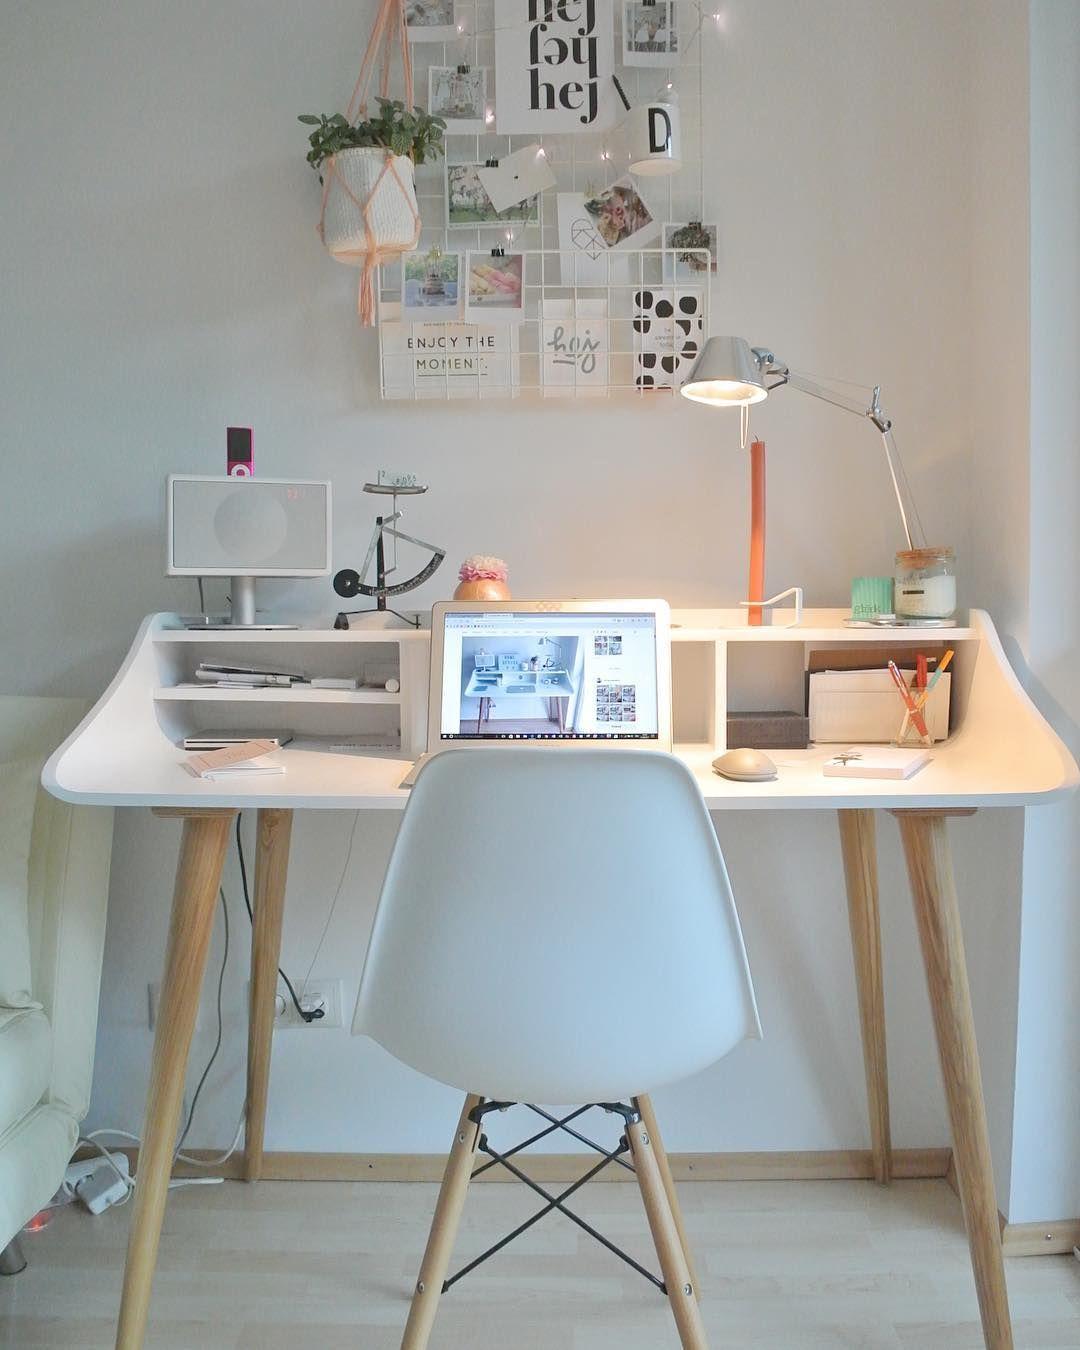 Homeoffice mit Schreibtisch im Scandistyle - Ideen für Einrichten im skandinavischen Stil #tumblrrooms